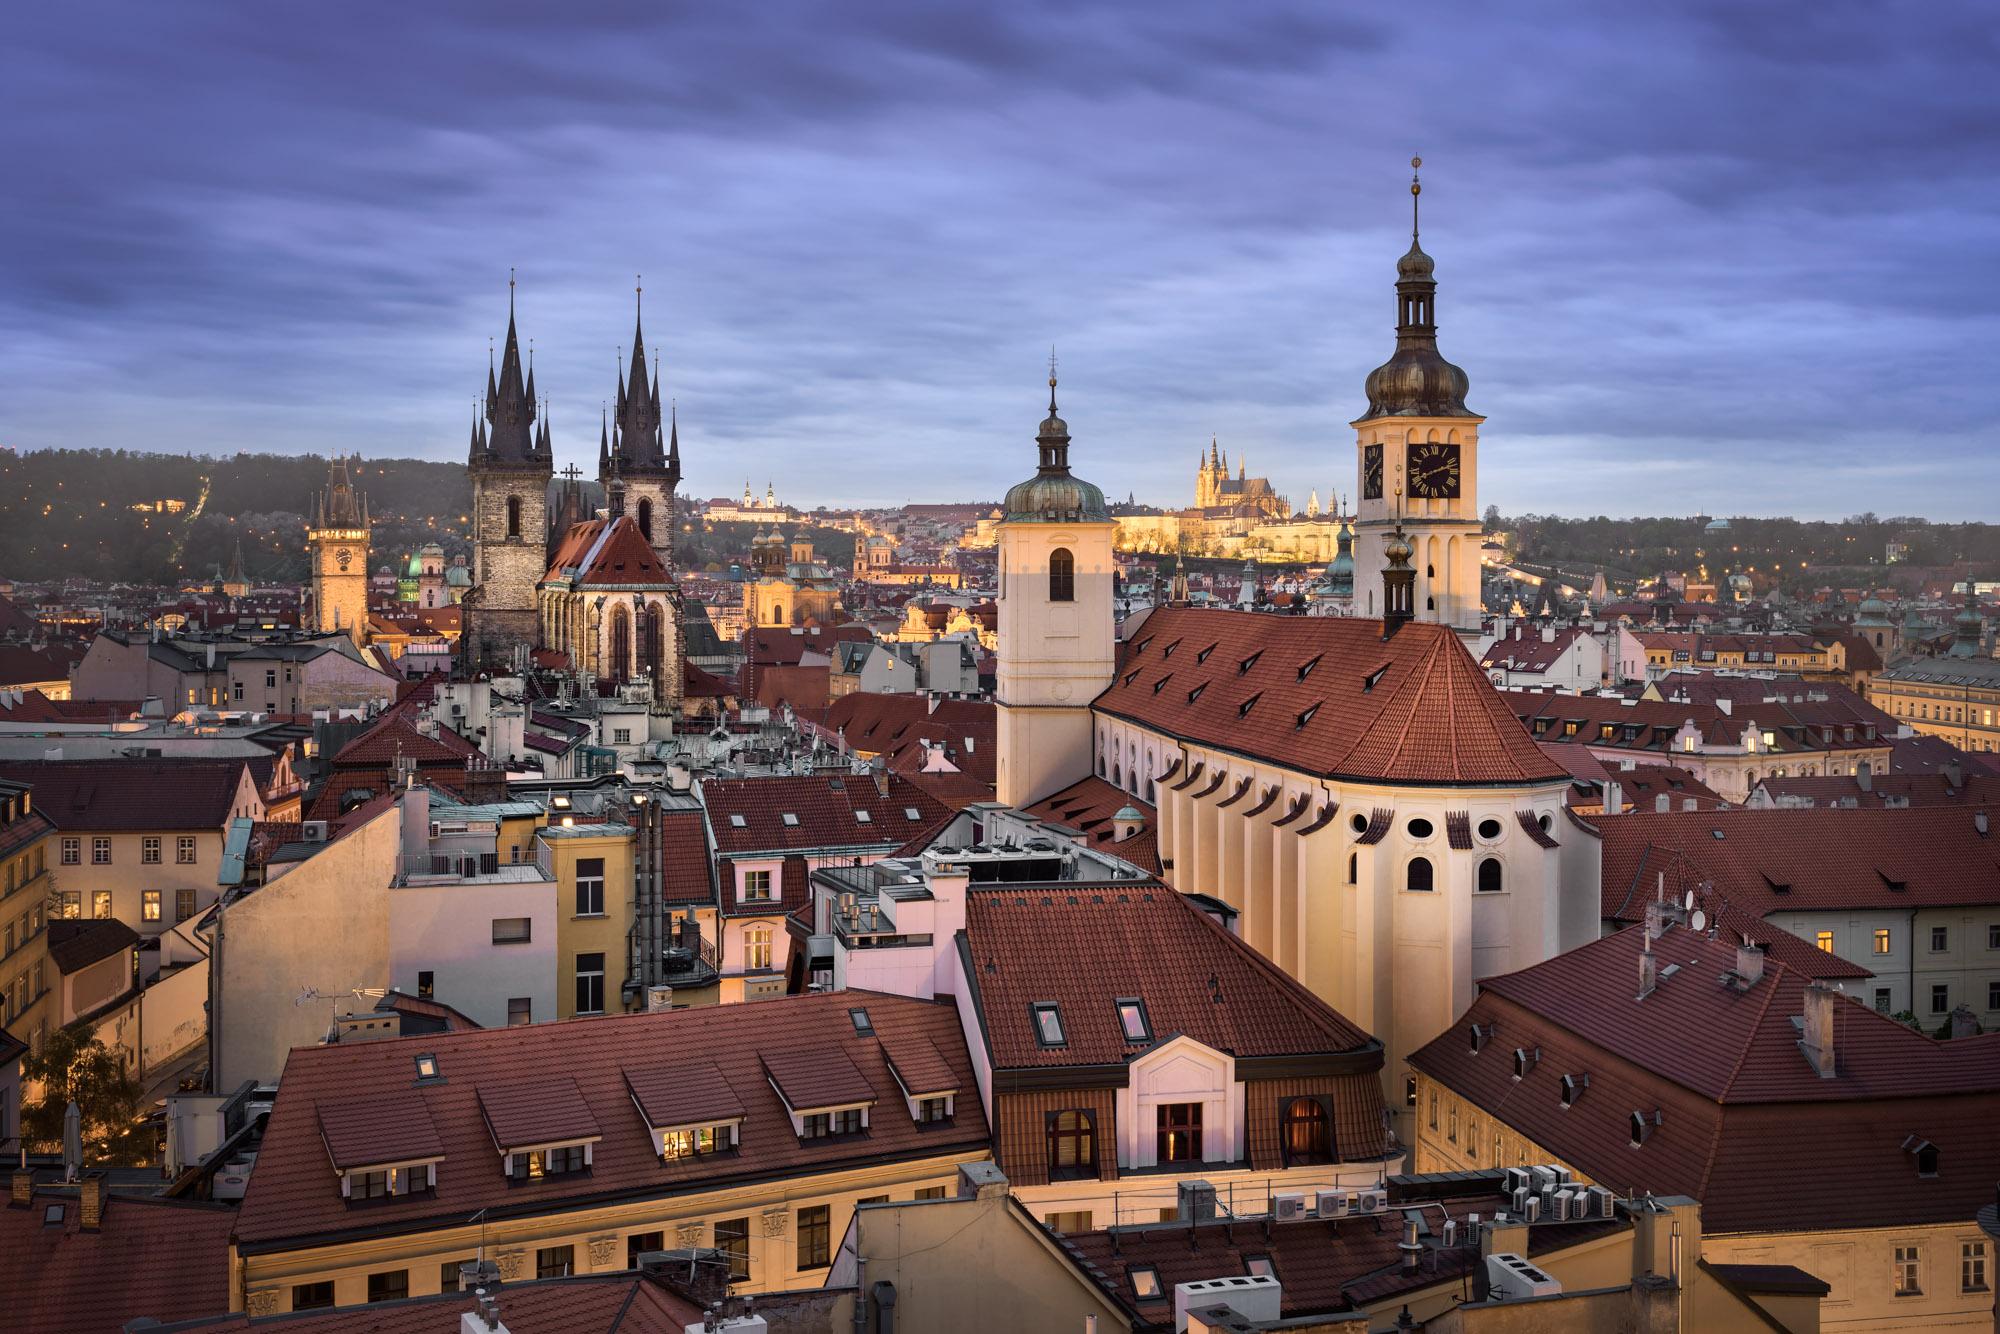 Church of St James the Greater, Prague, Czech Republic